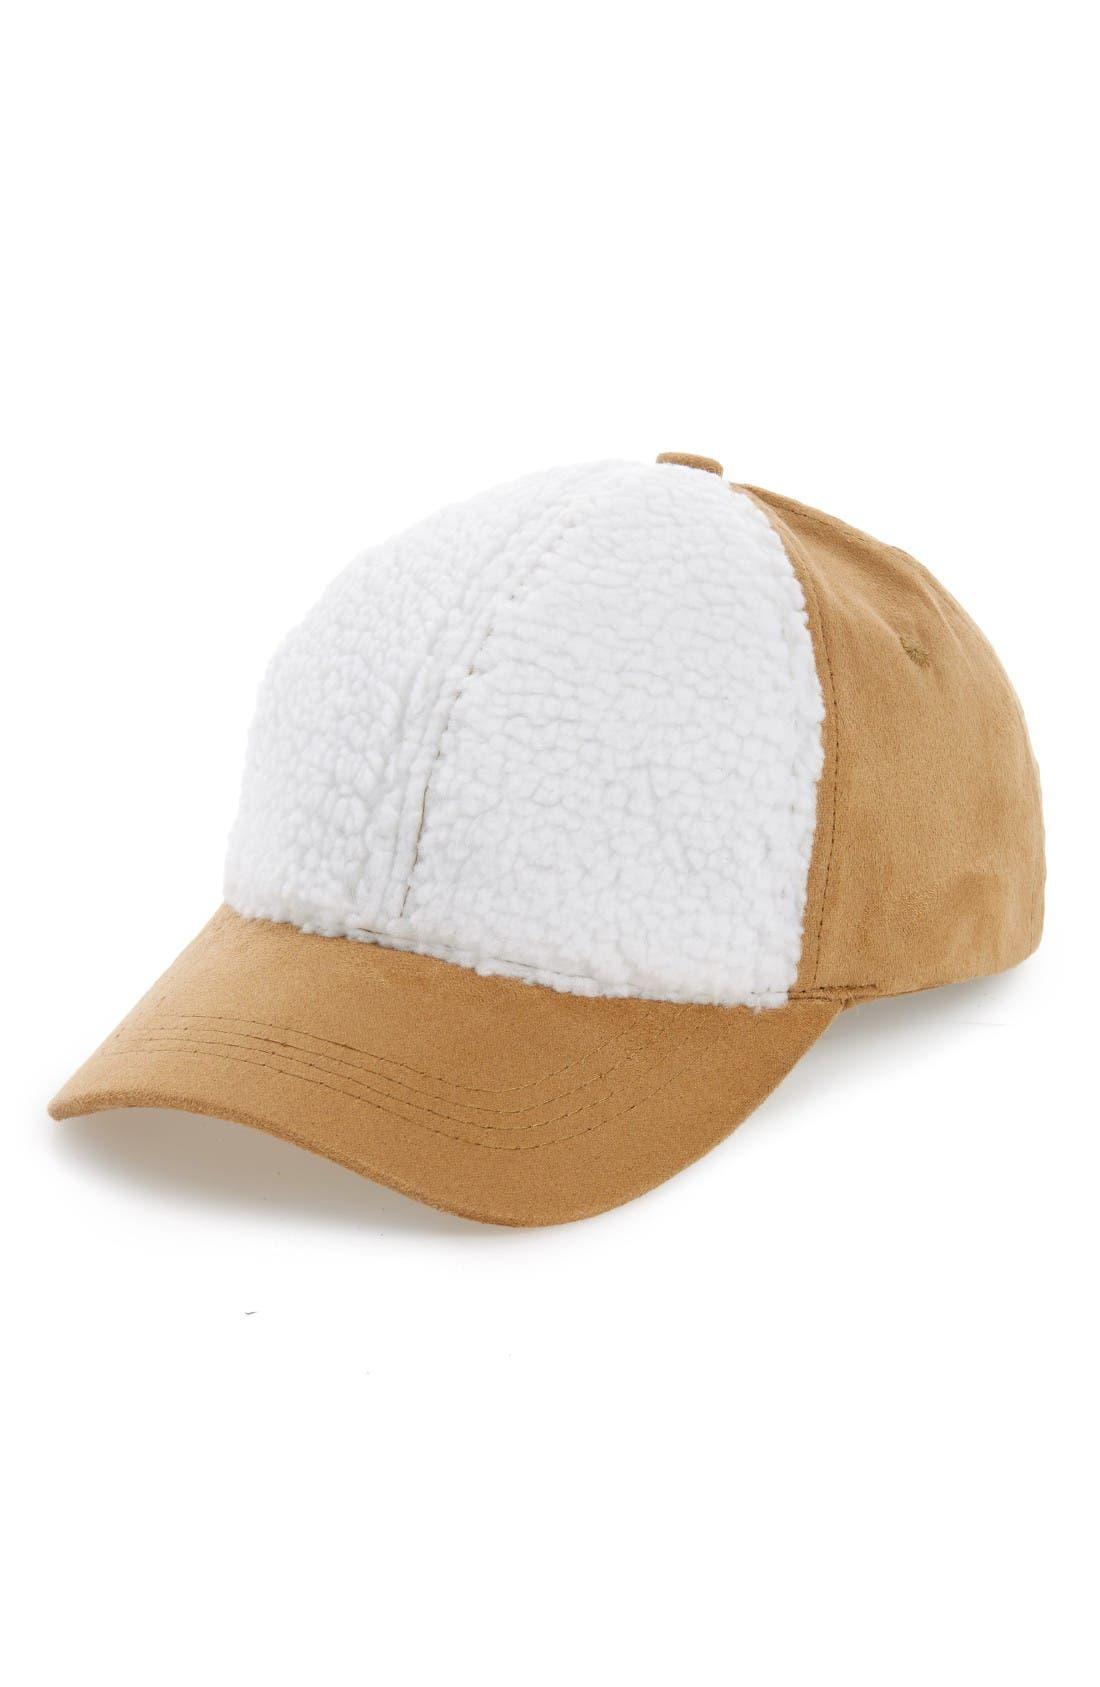 Alternate Image 1 Selected - BP. Faux Shearling Trim Ball Cap